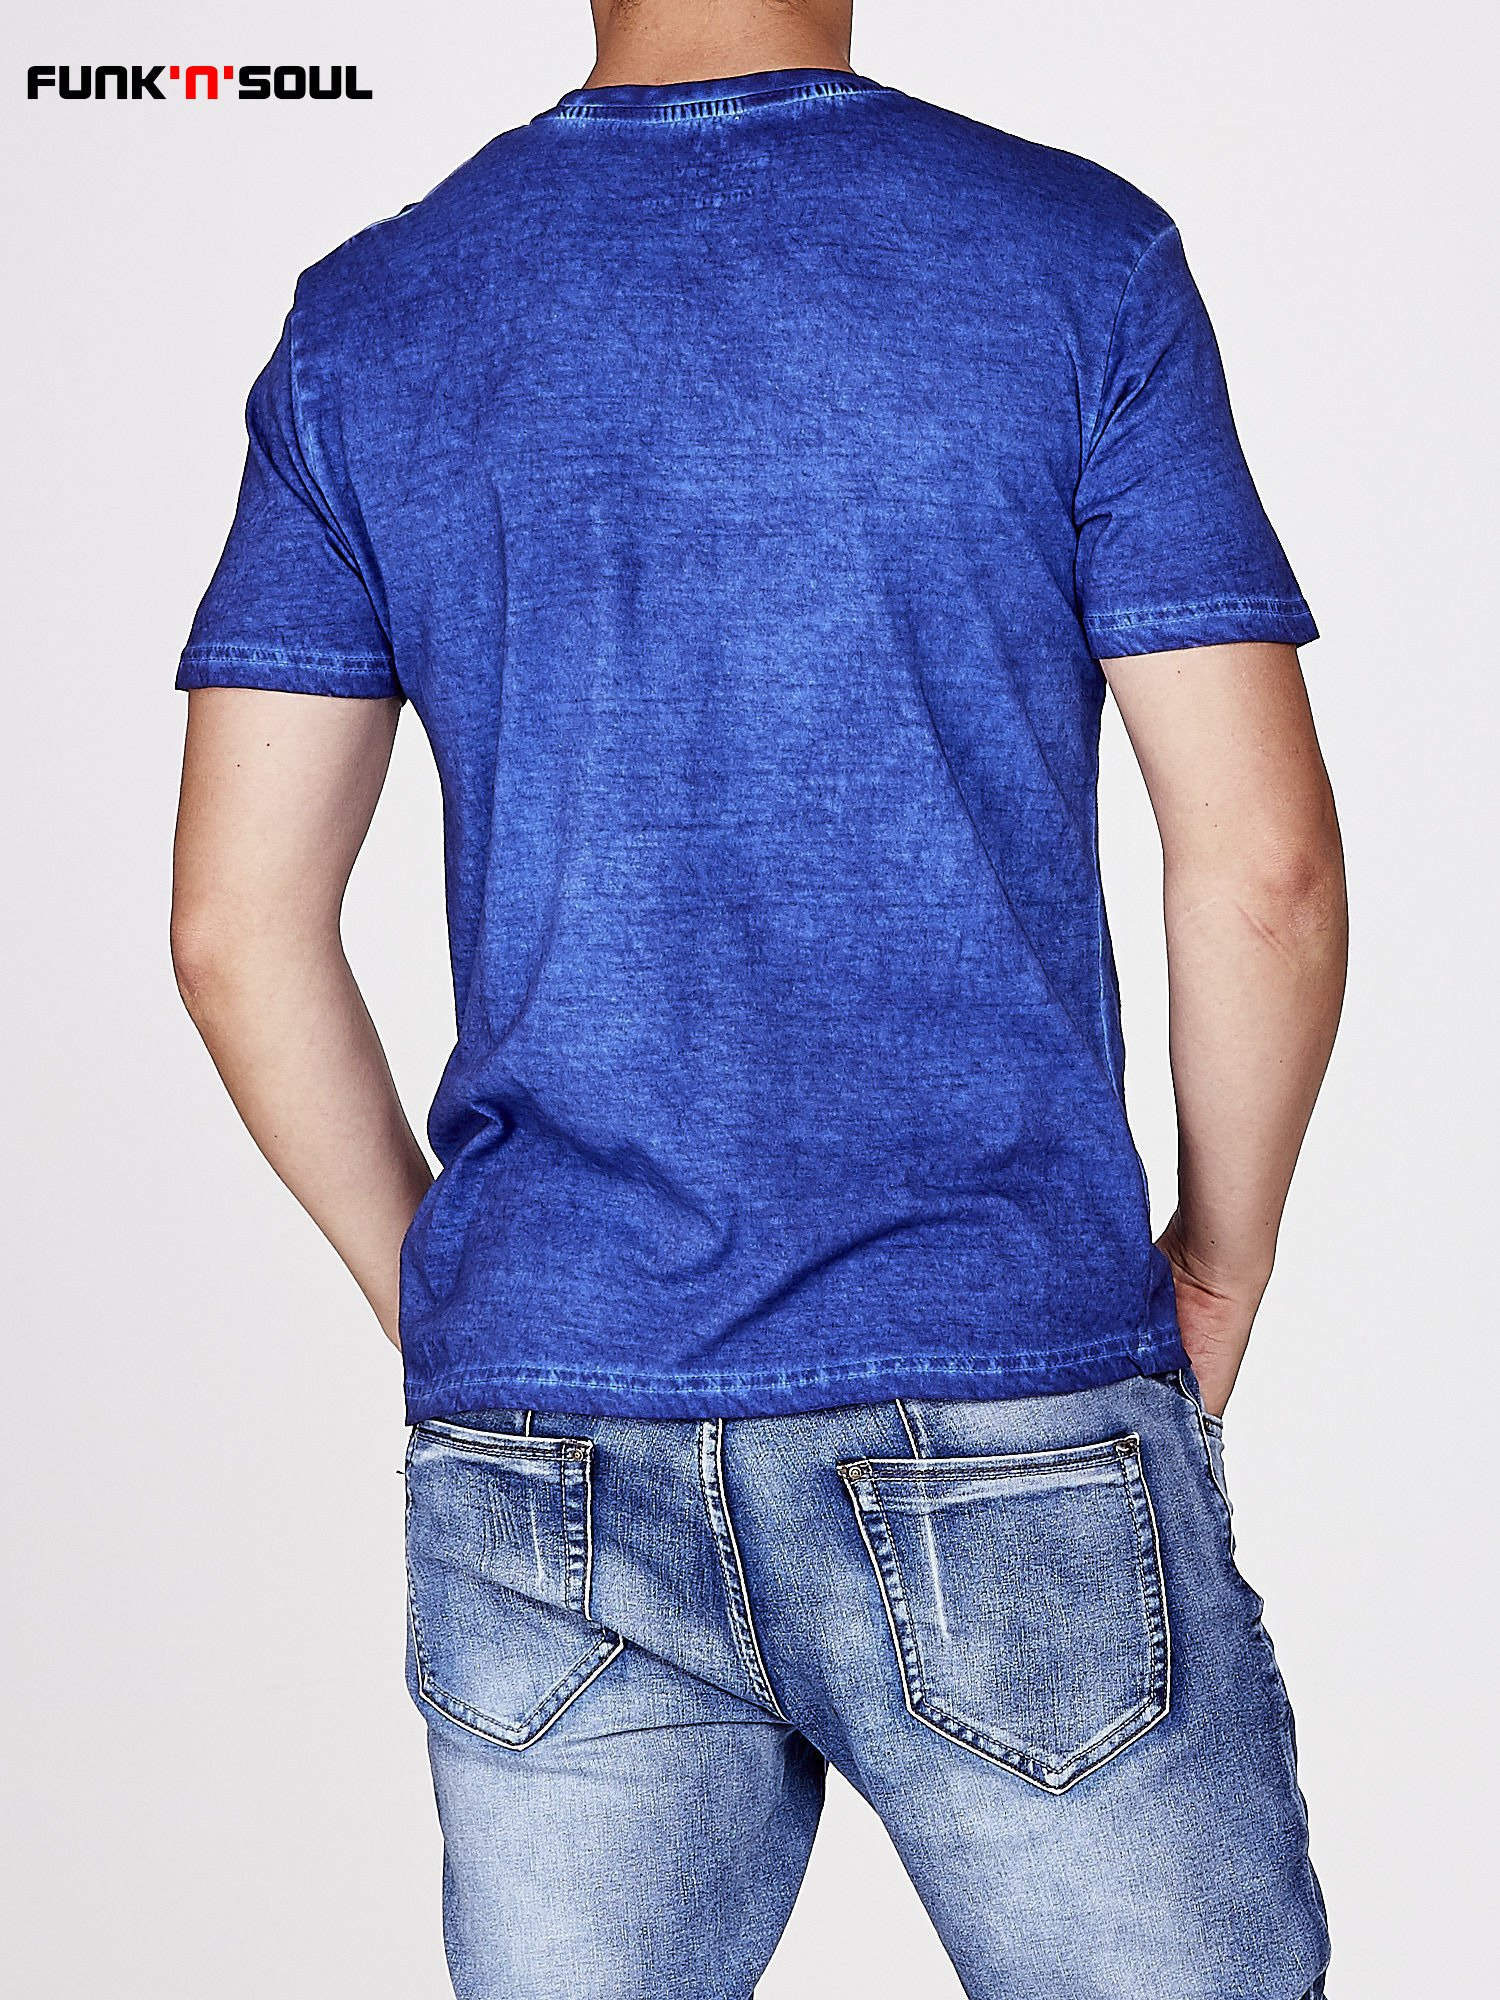 Niebieski t-shirt męski z efektem dekatyzowania Funk n Soul                                  zdj.                                  3